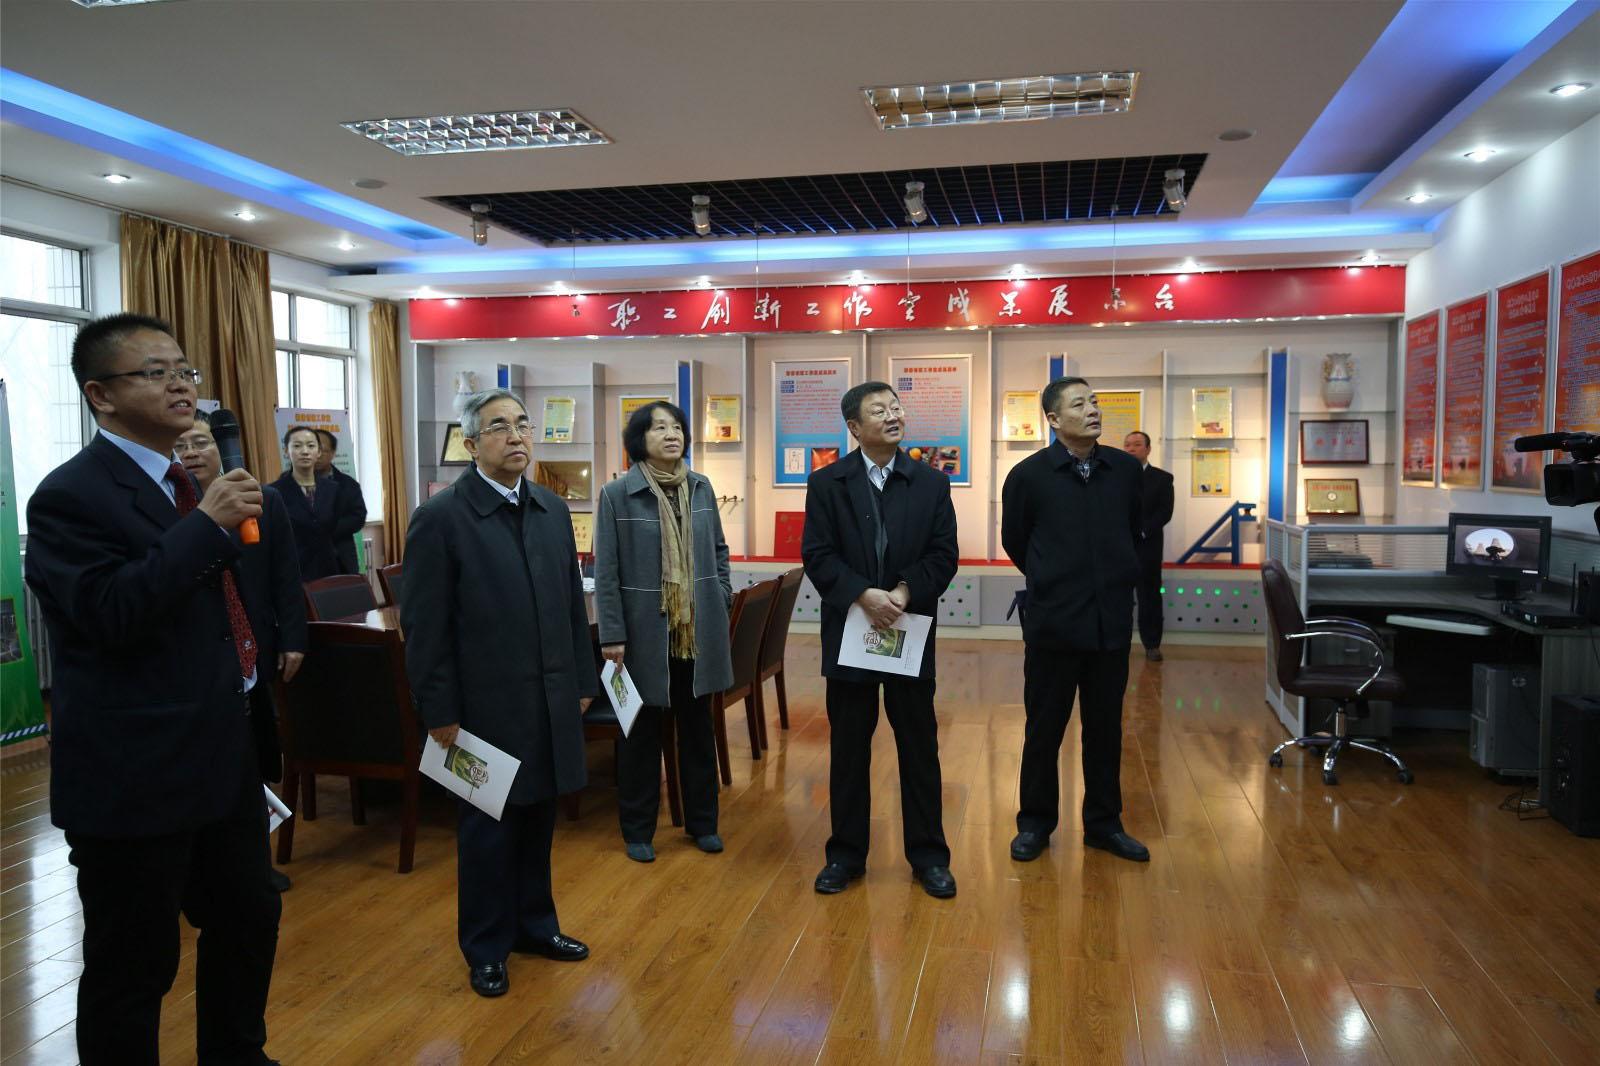 内蒙古职工发来的内蒙古自治区推进职工创新工作室建设现场会精彩瞬间